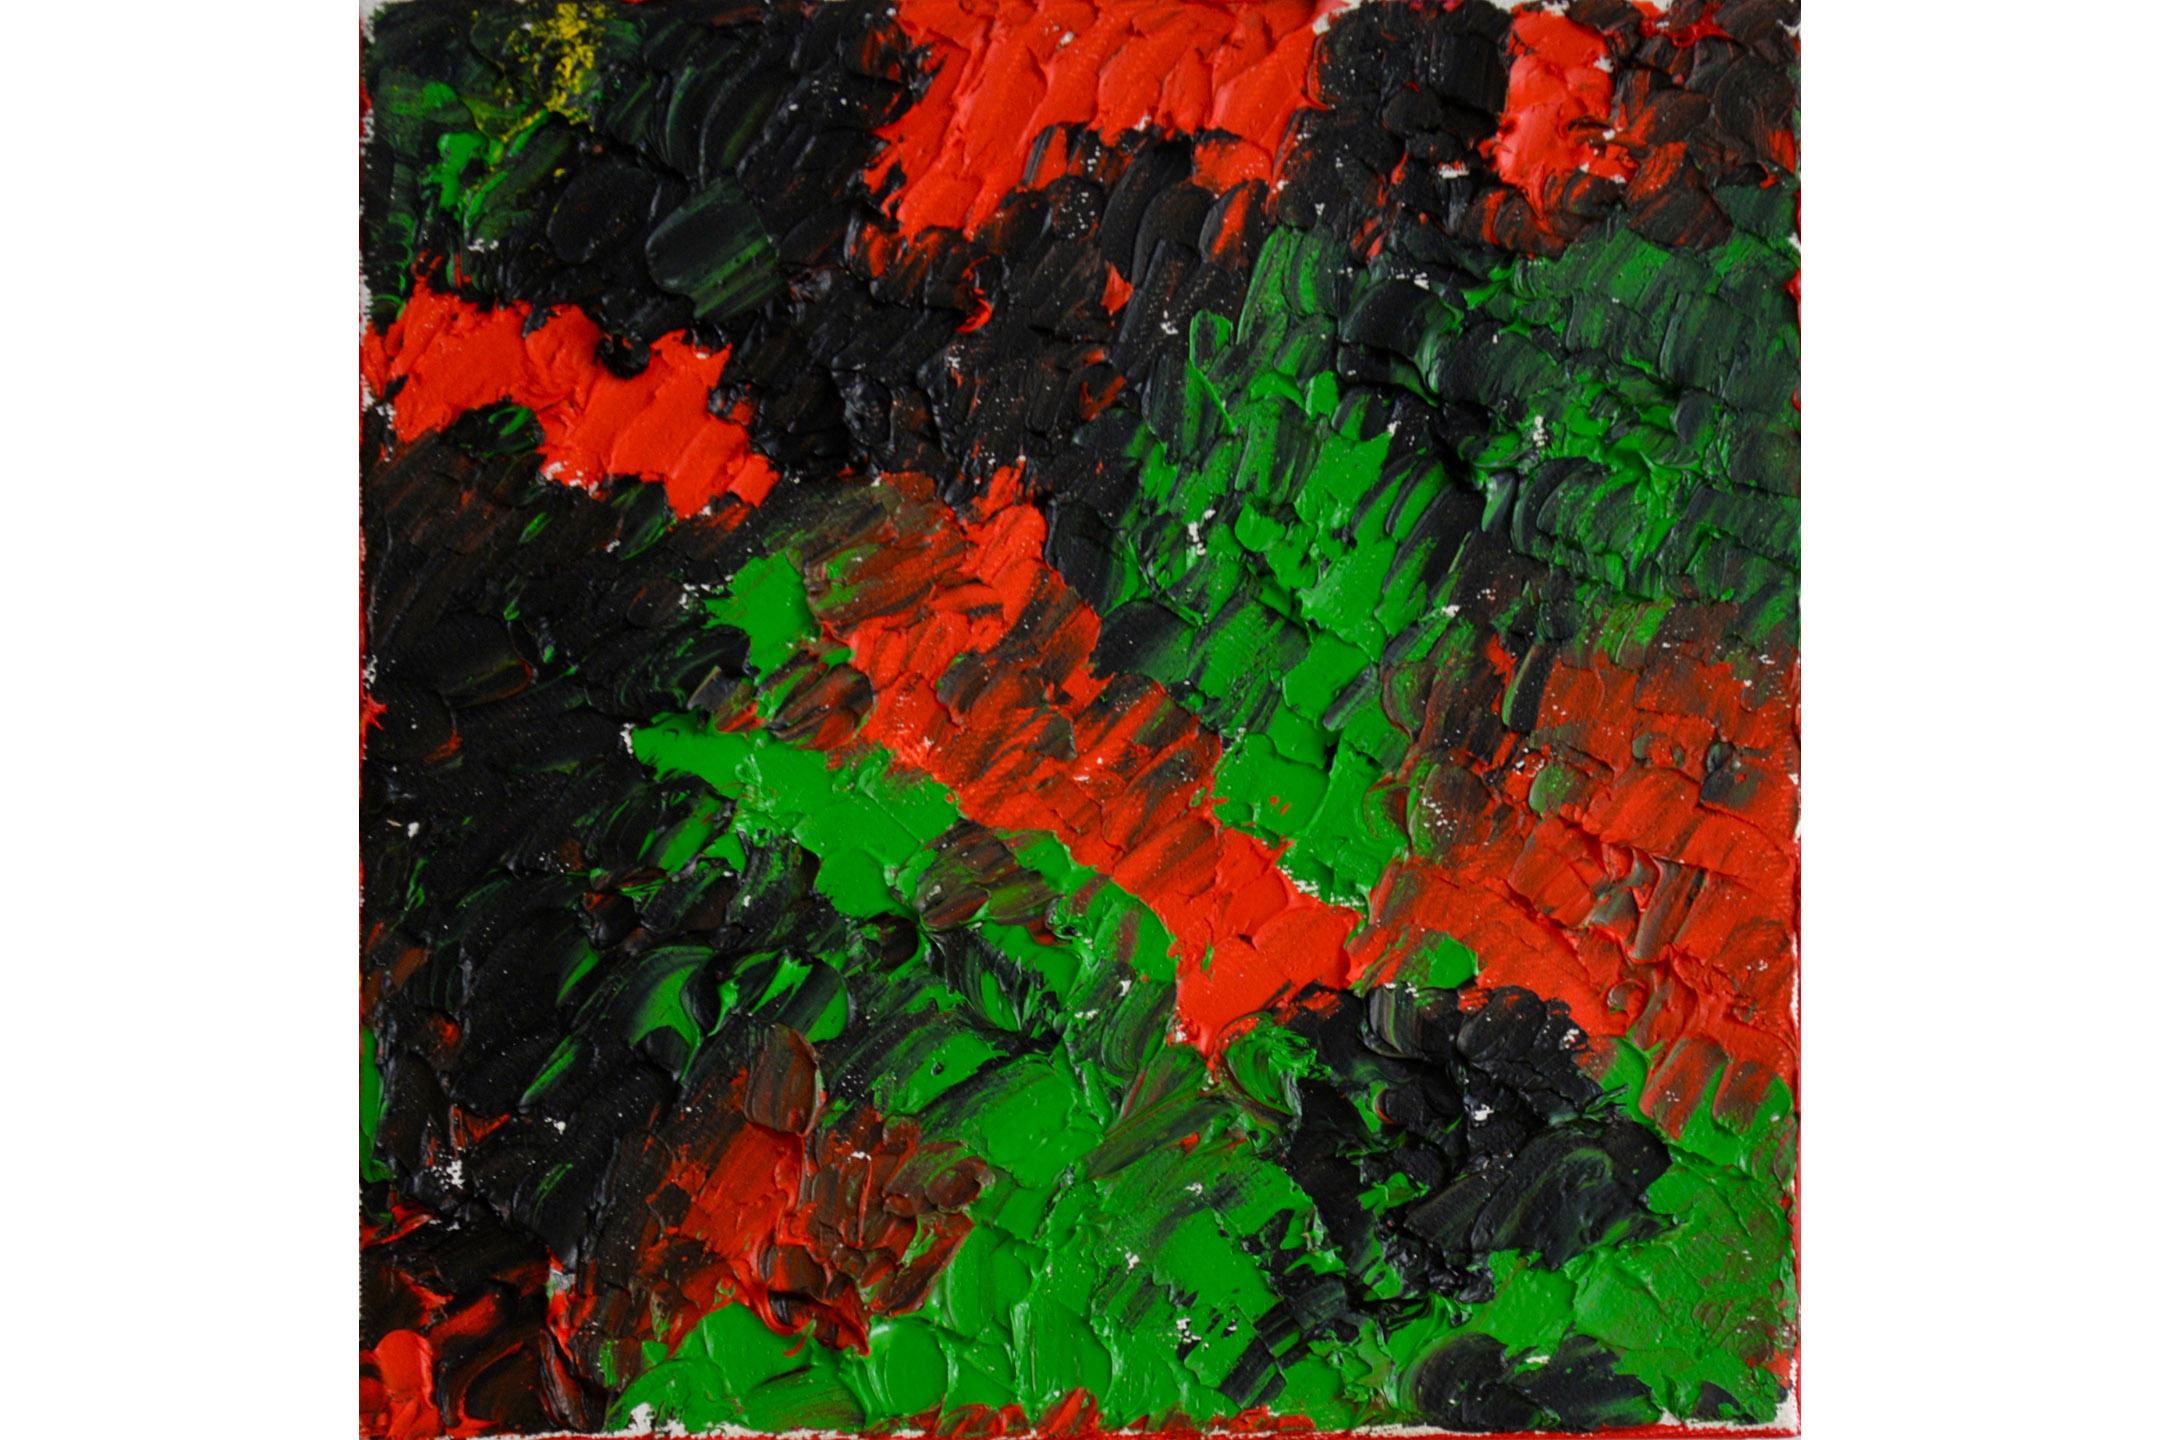 """Vera Sapozhnikova, Colors Play 4, Oil on canvas, 8"""" x 8"""", 2016"""